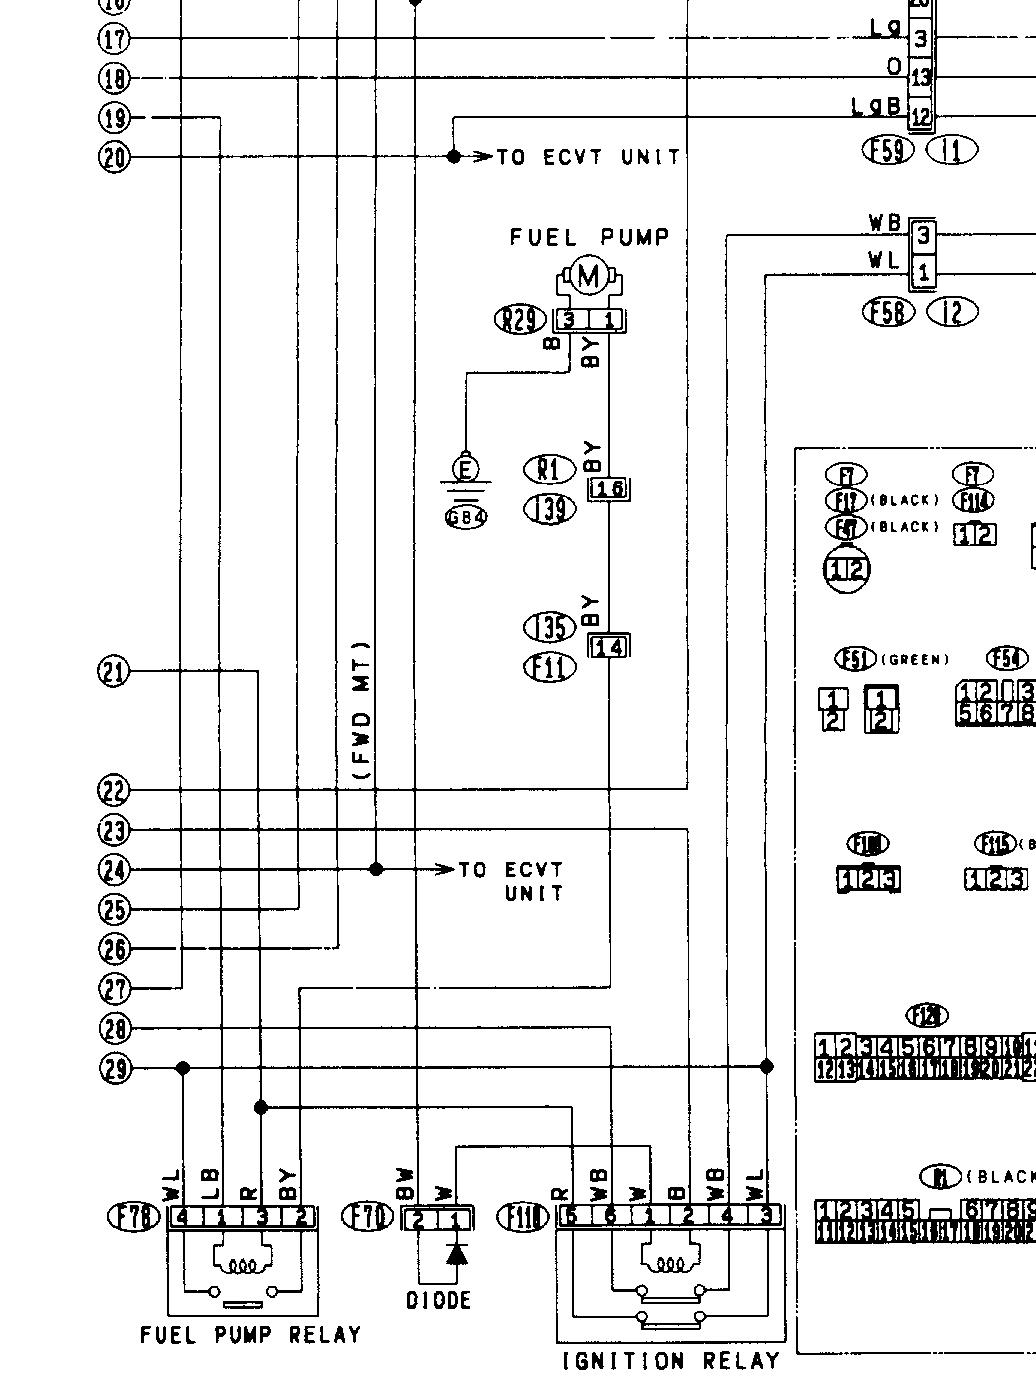 jeep j10 wiring diagram symbols dk 0637  subaru j10 wiring diagram  dk 0637  subaru j10 wiring diagram